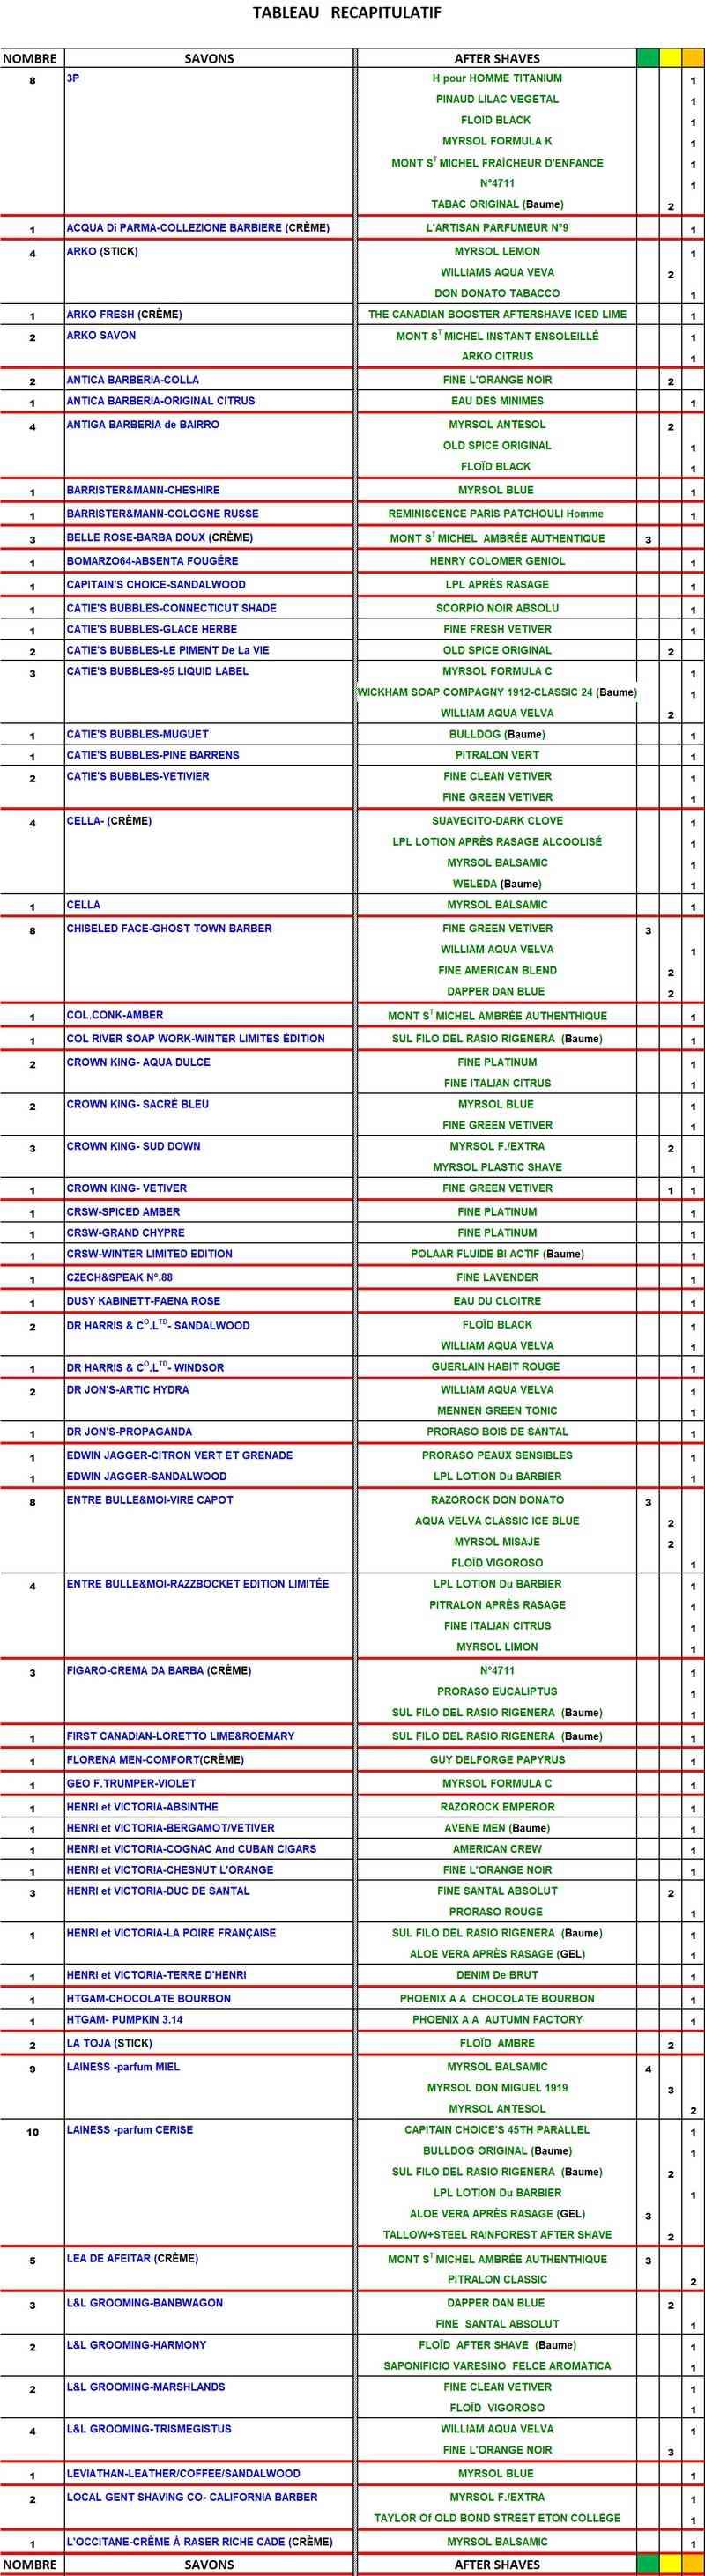 TABLEAU SAVONS et APRES-RASAGE  COMPATIBLES - Page 3 Table183